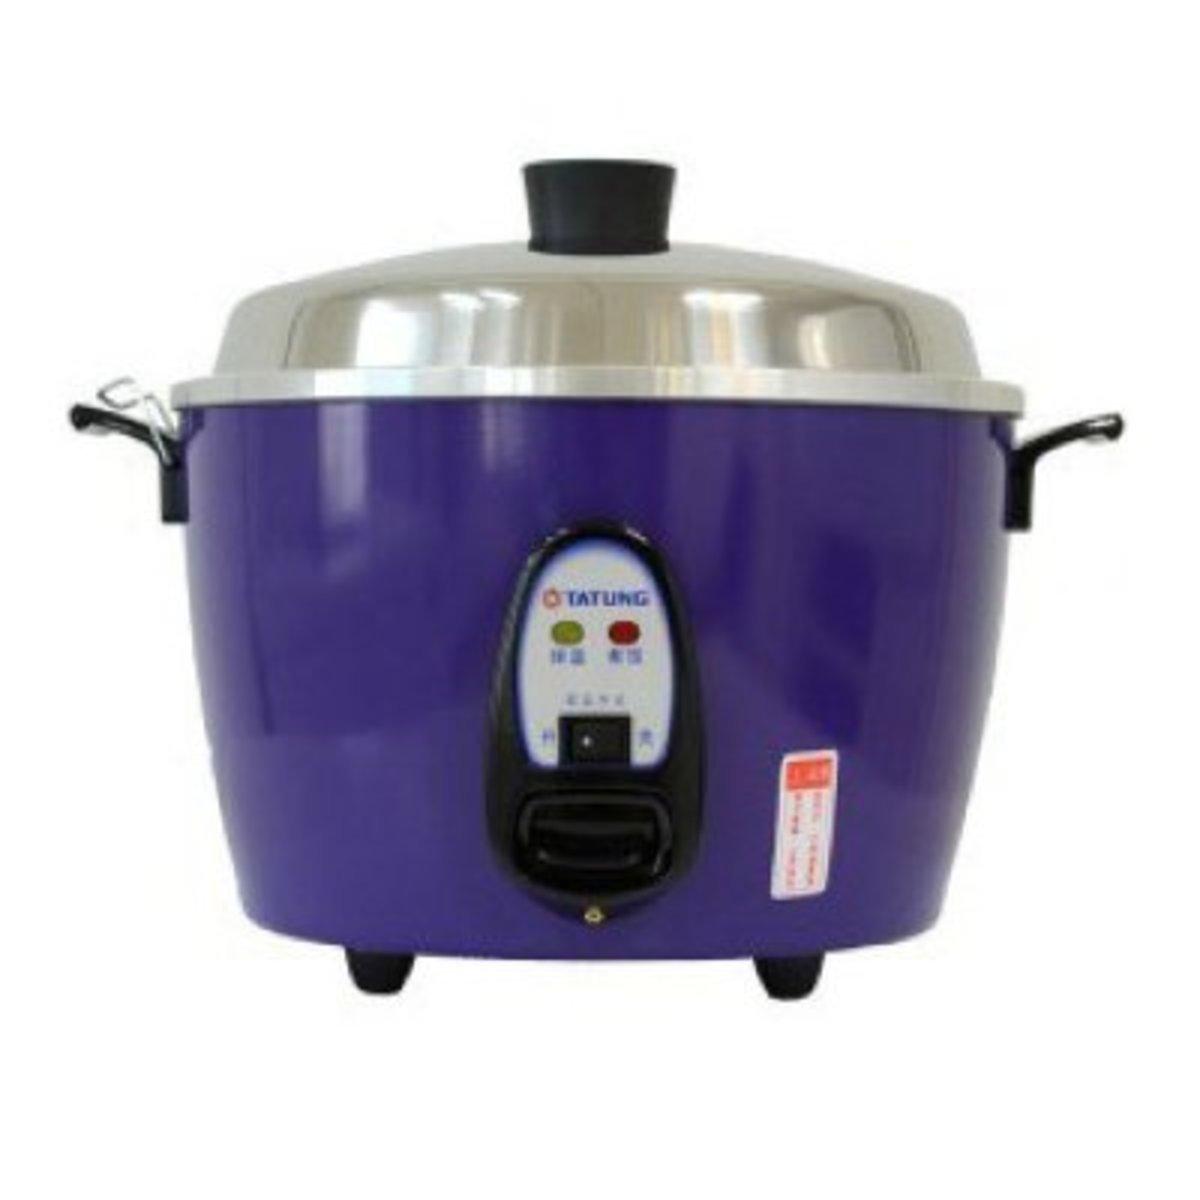 電鍋 TAC-10GS-PU (紫色)